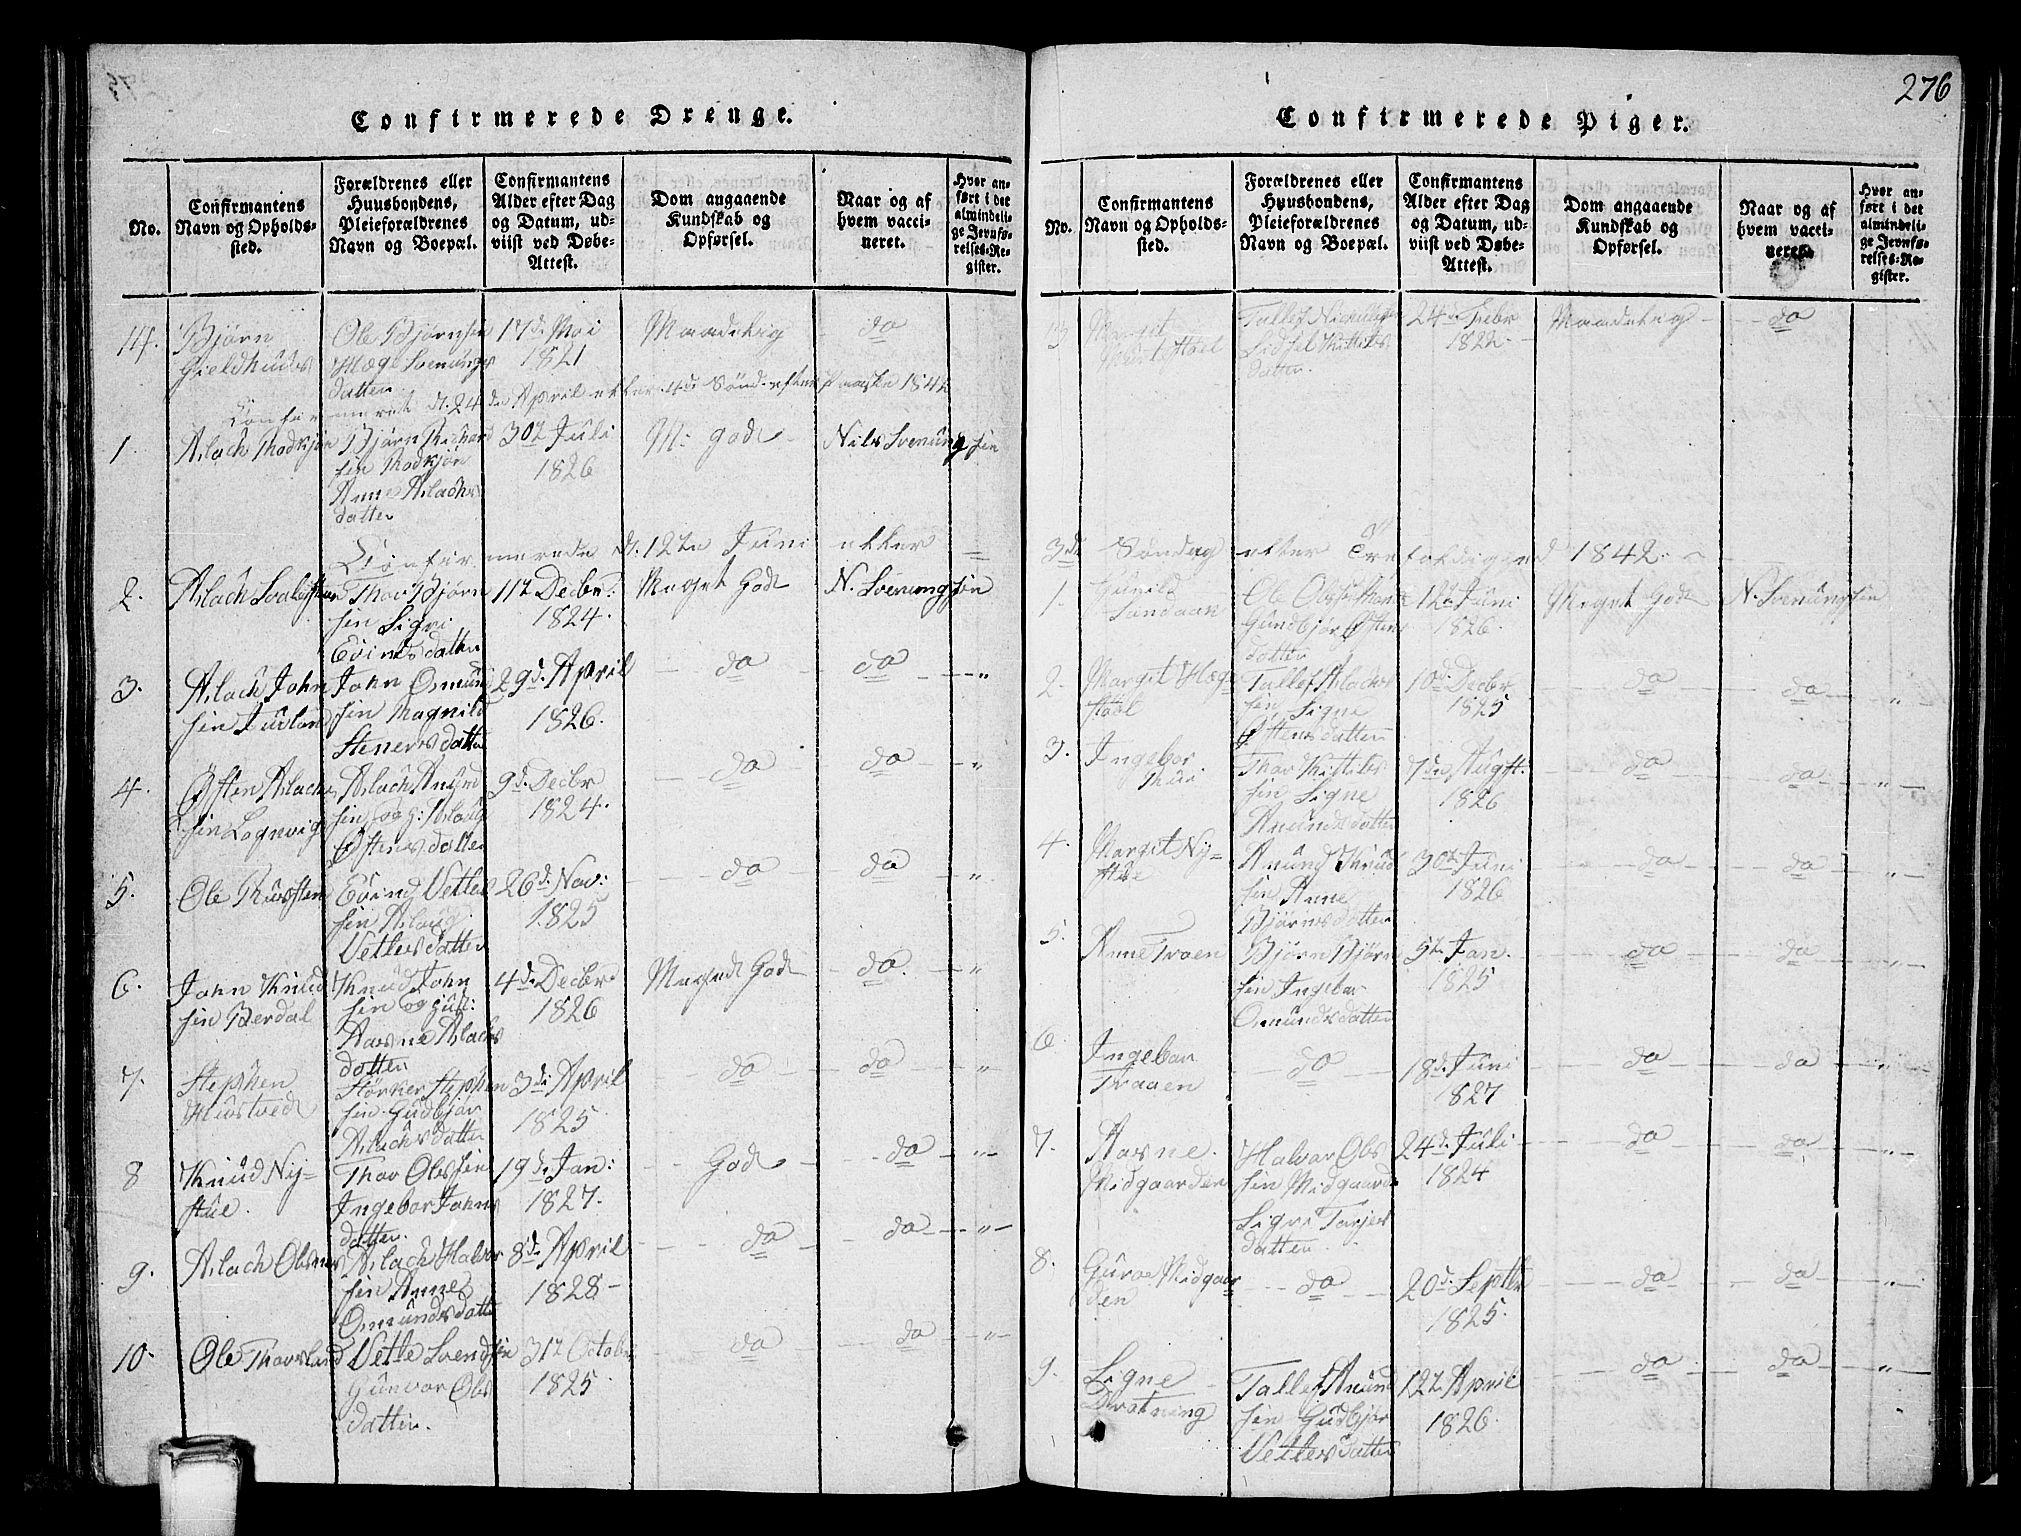 SAKO, Vinje kirkebøker, G/Ga/L0001: Klokkerbok nr. I 1, 1814-1843, s. 276